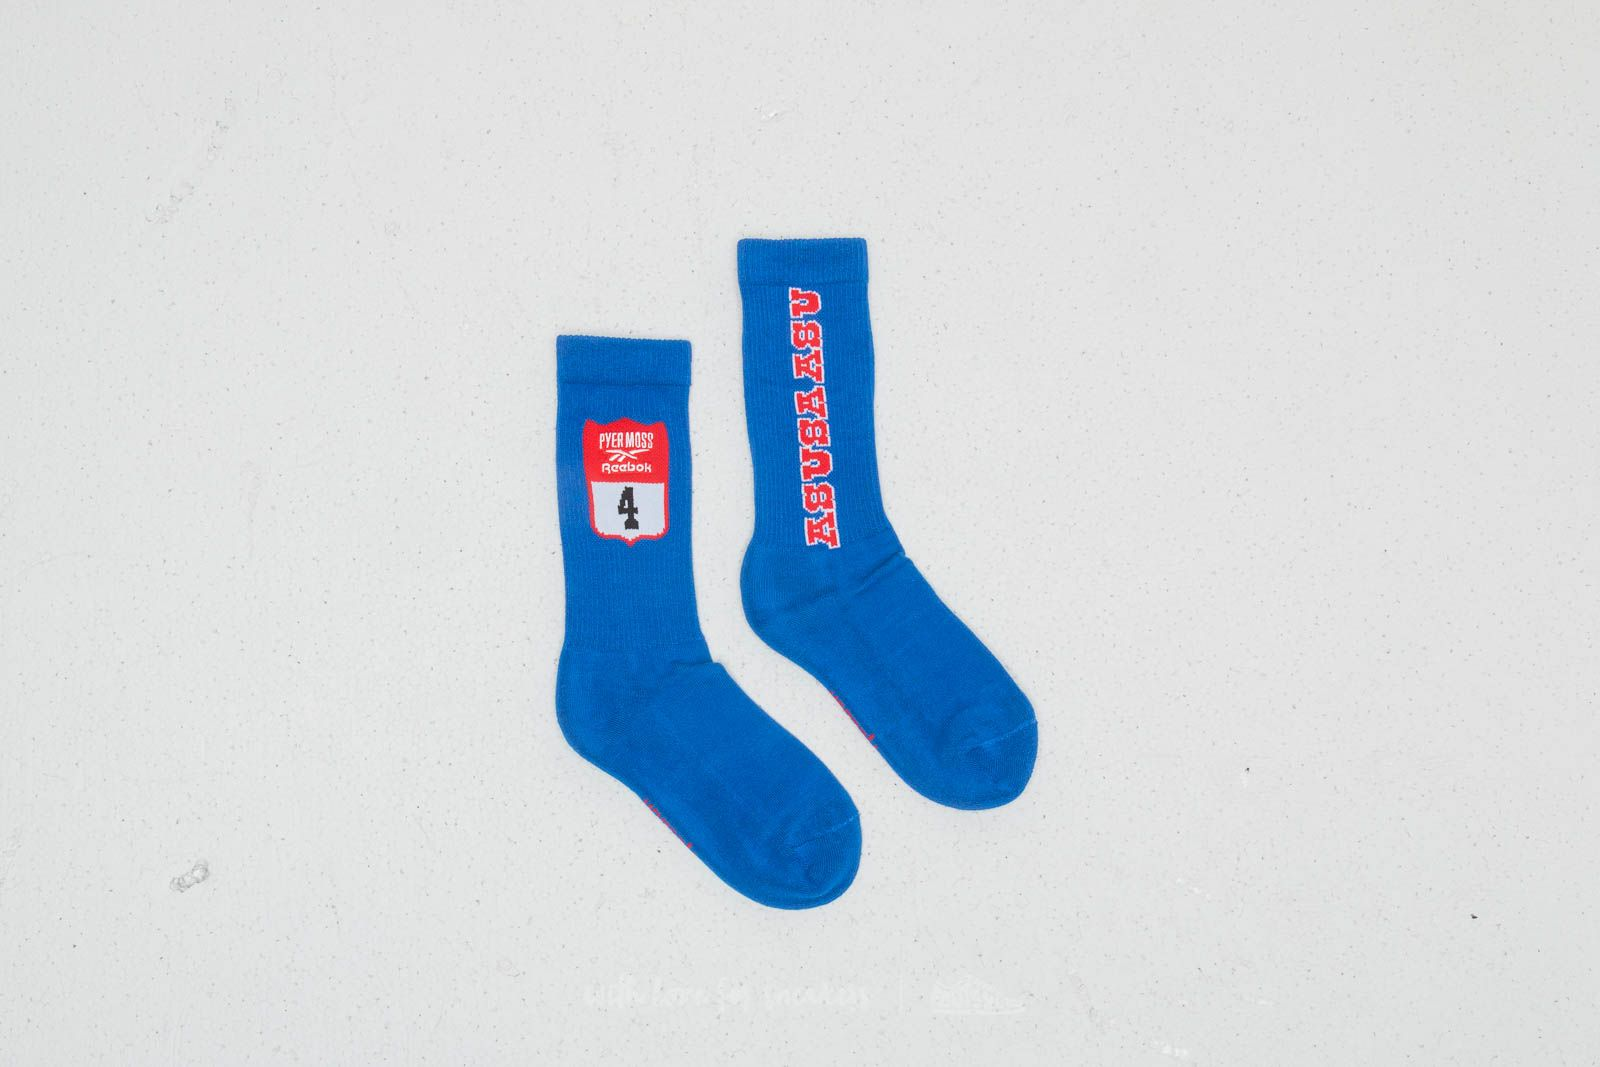 Reebok x Pyer Moss Crew Socks Blue za skvělou cenu 339 Kč koupíte na Footshop.cz